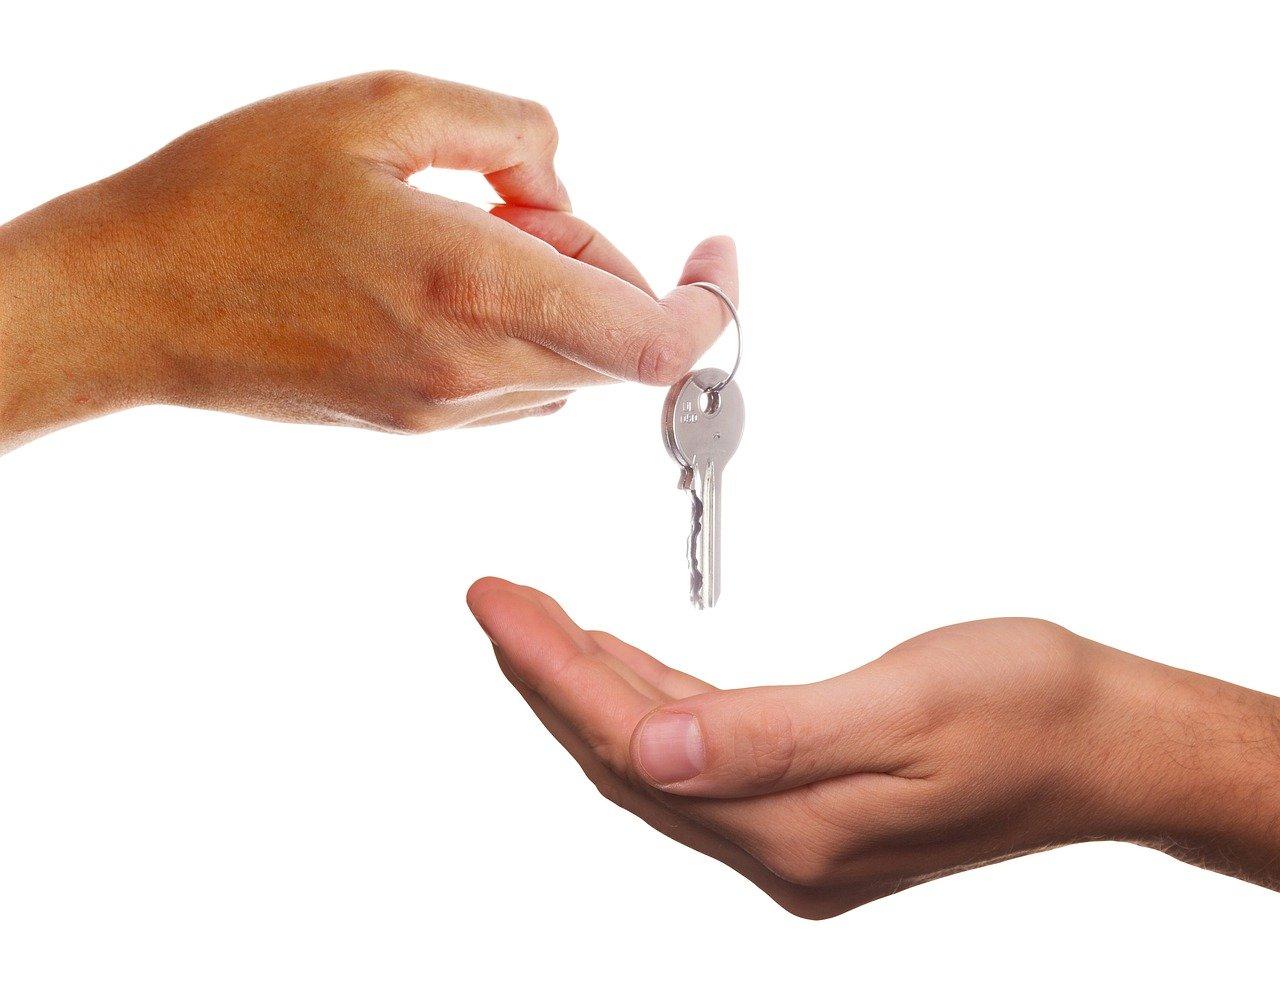 Trouver un bon locataire - Une étape déterminante de l'investissement immobilier